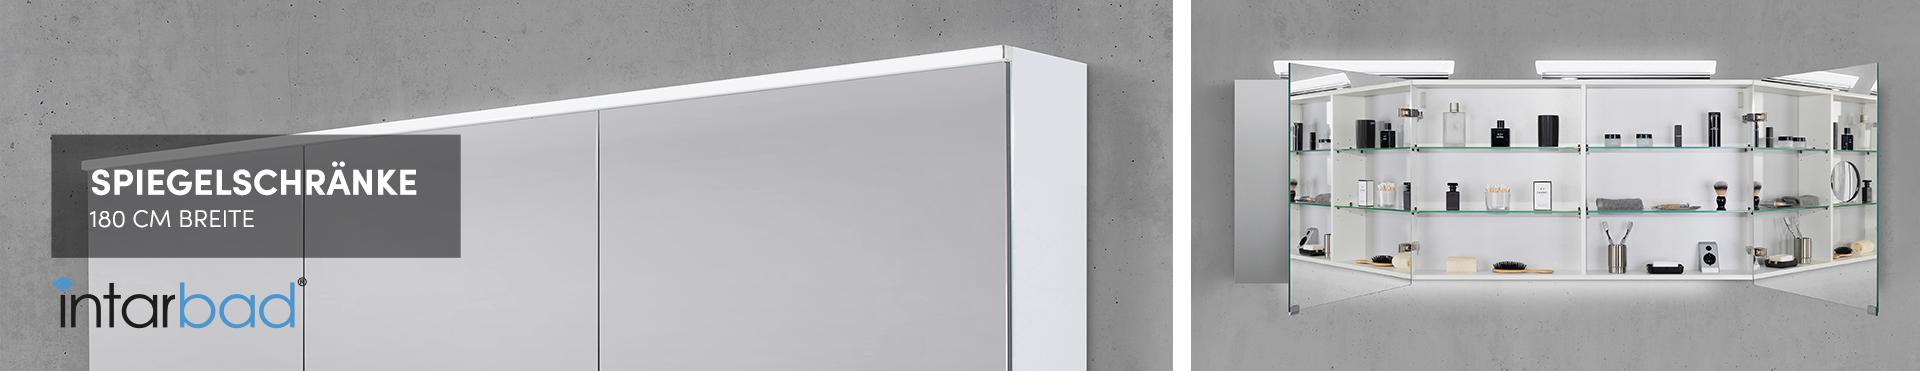 180 cm Spiegelschränke